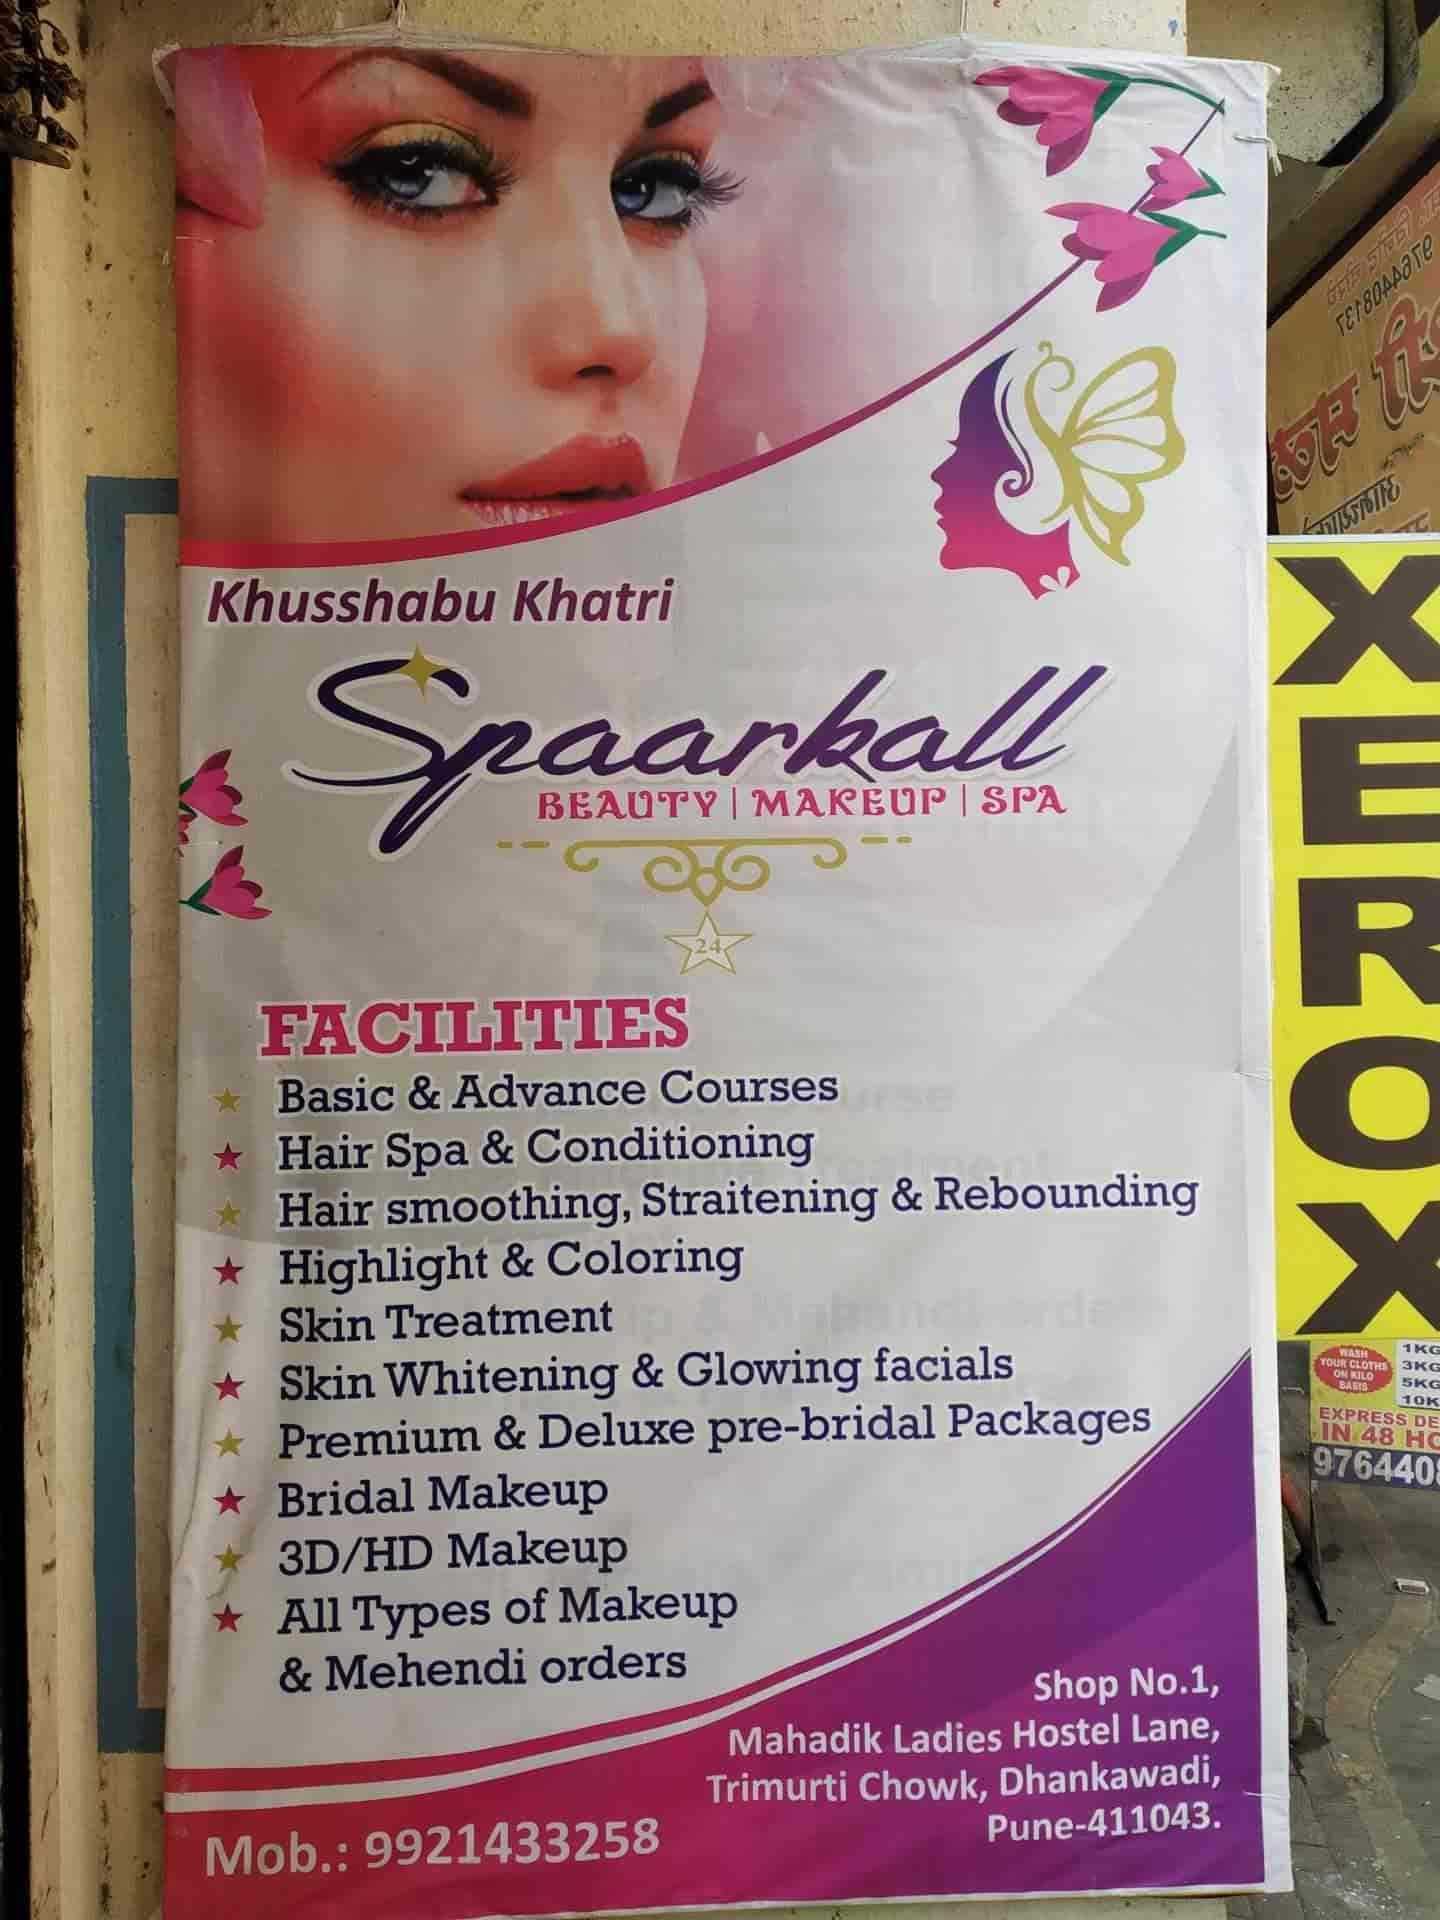 Spaarkall Ladies Beauty Parlour Dhankawadi Beauty Spas In Pune Justdial